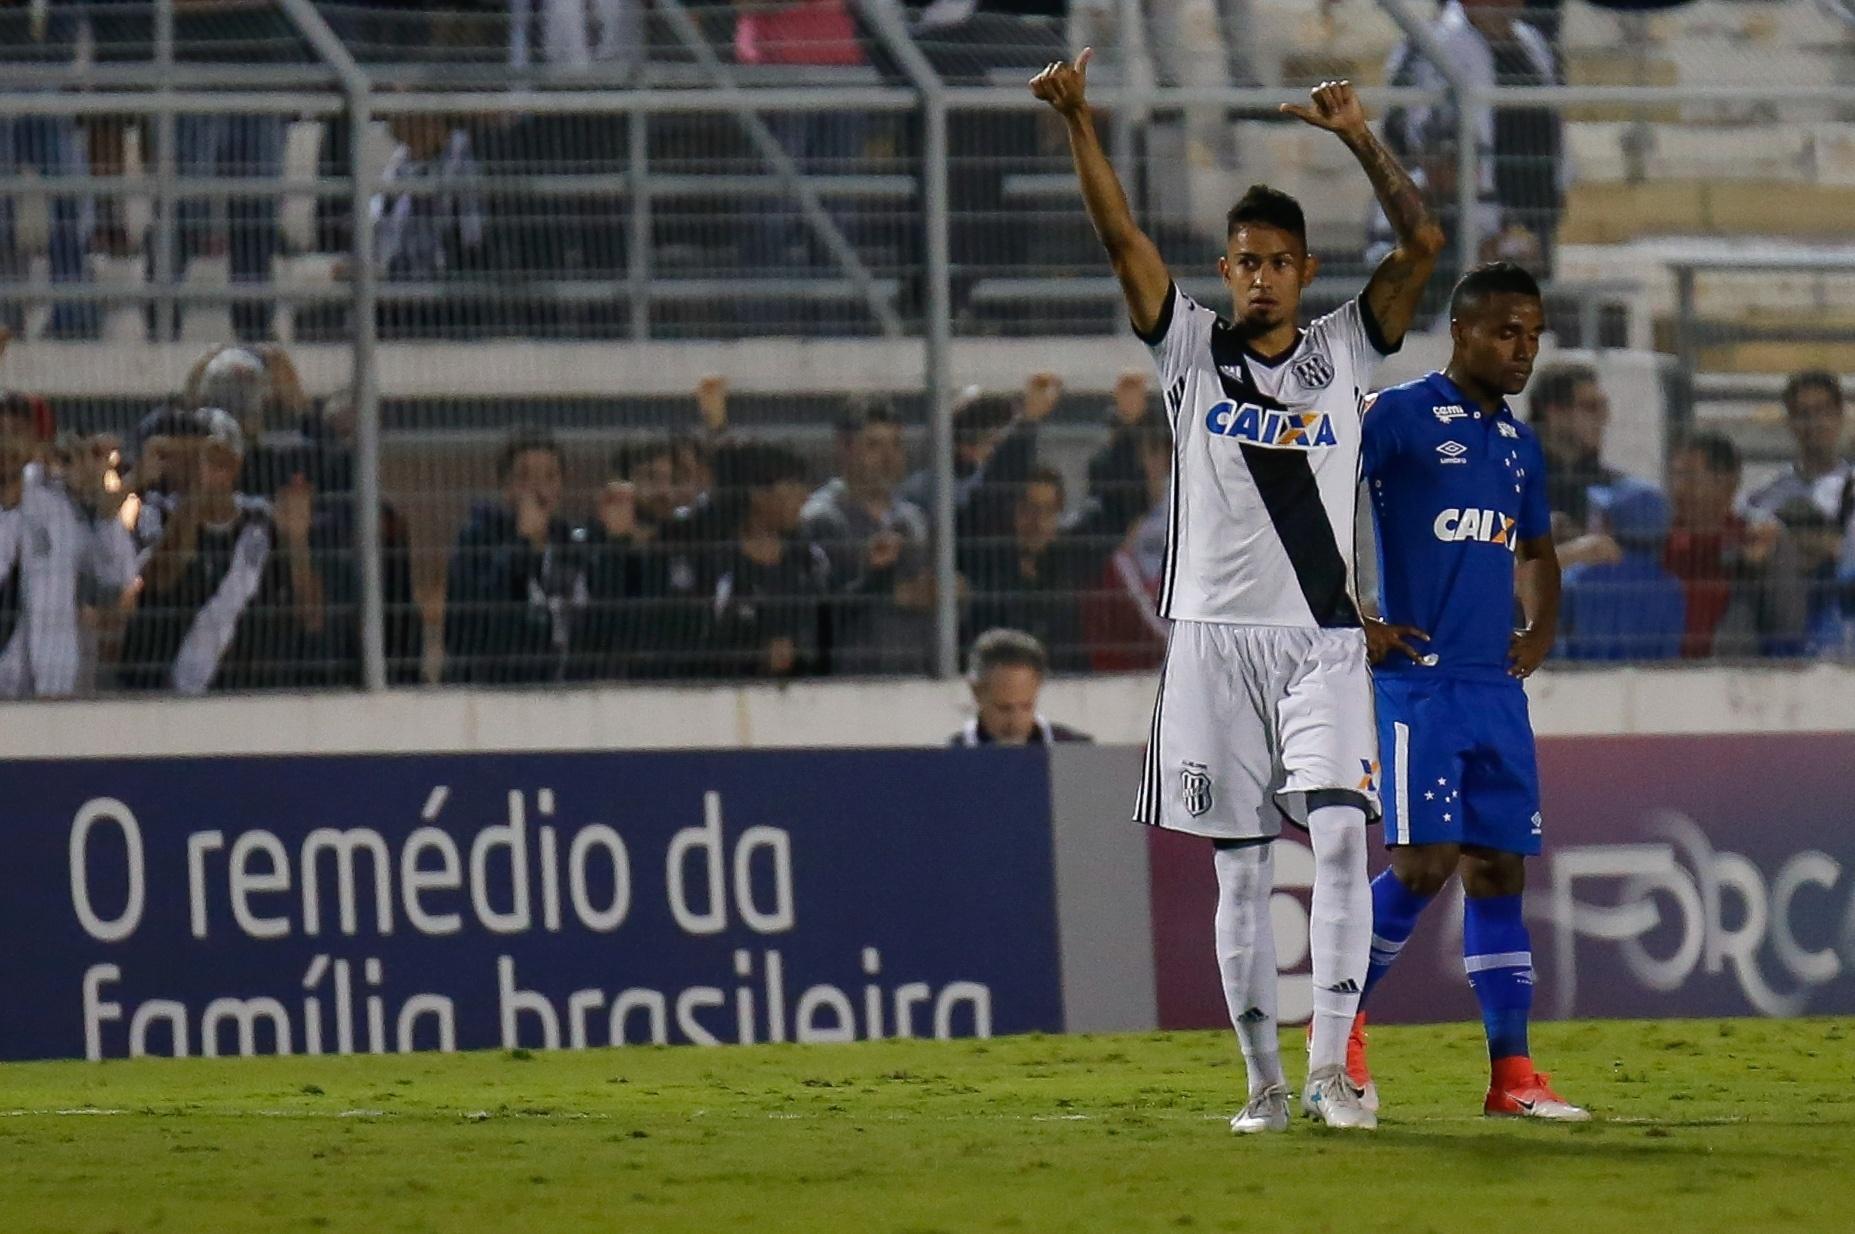 Lucca comemora gol da Ponte Preta diante do Cruzeiro pelo Campeonato Brasileiro 2017